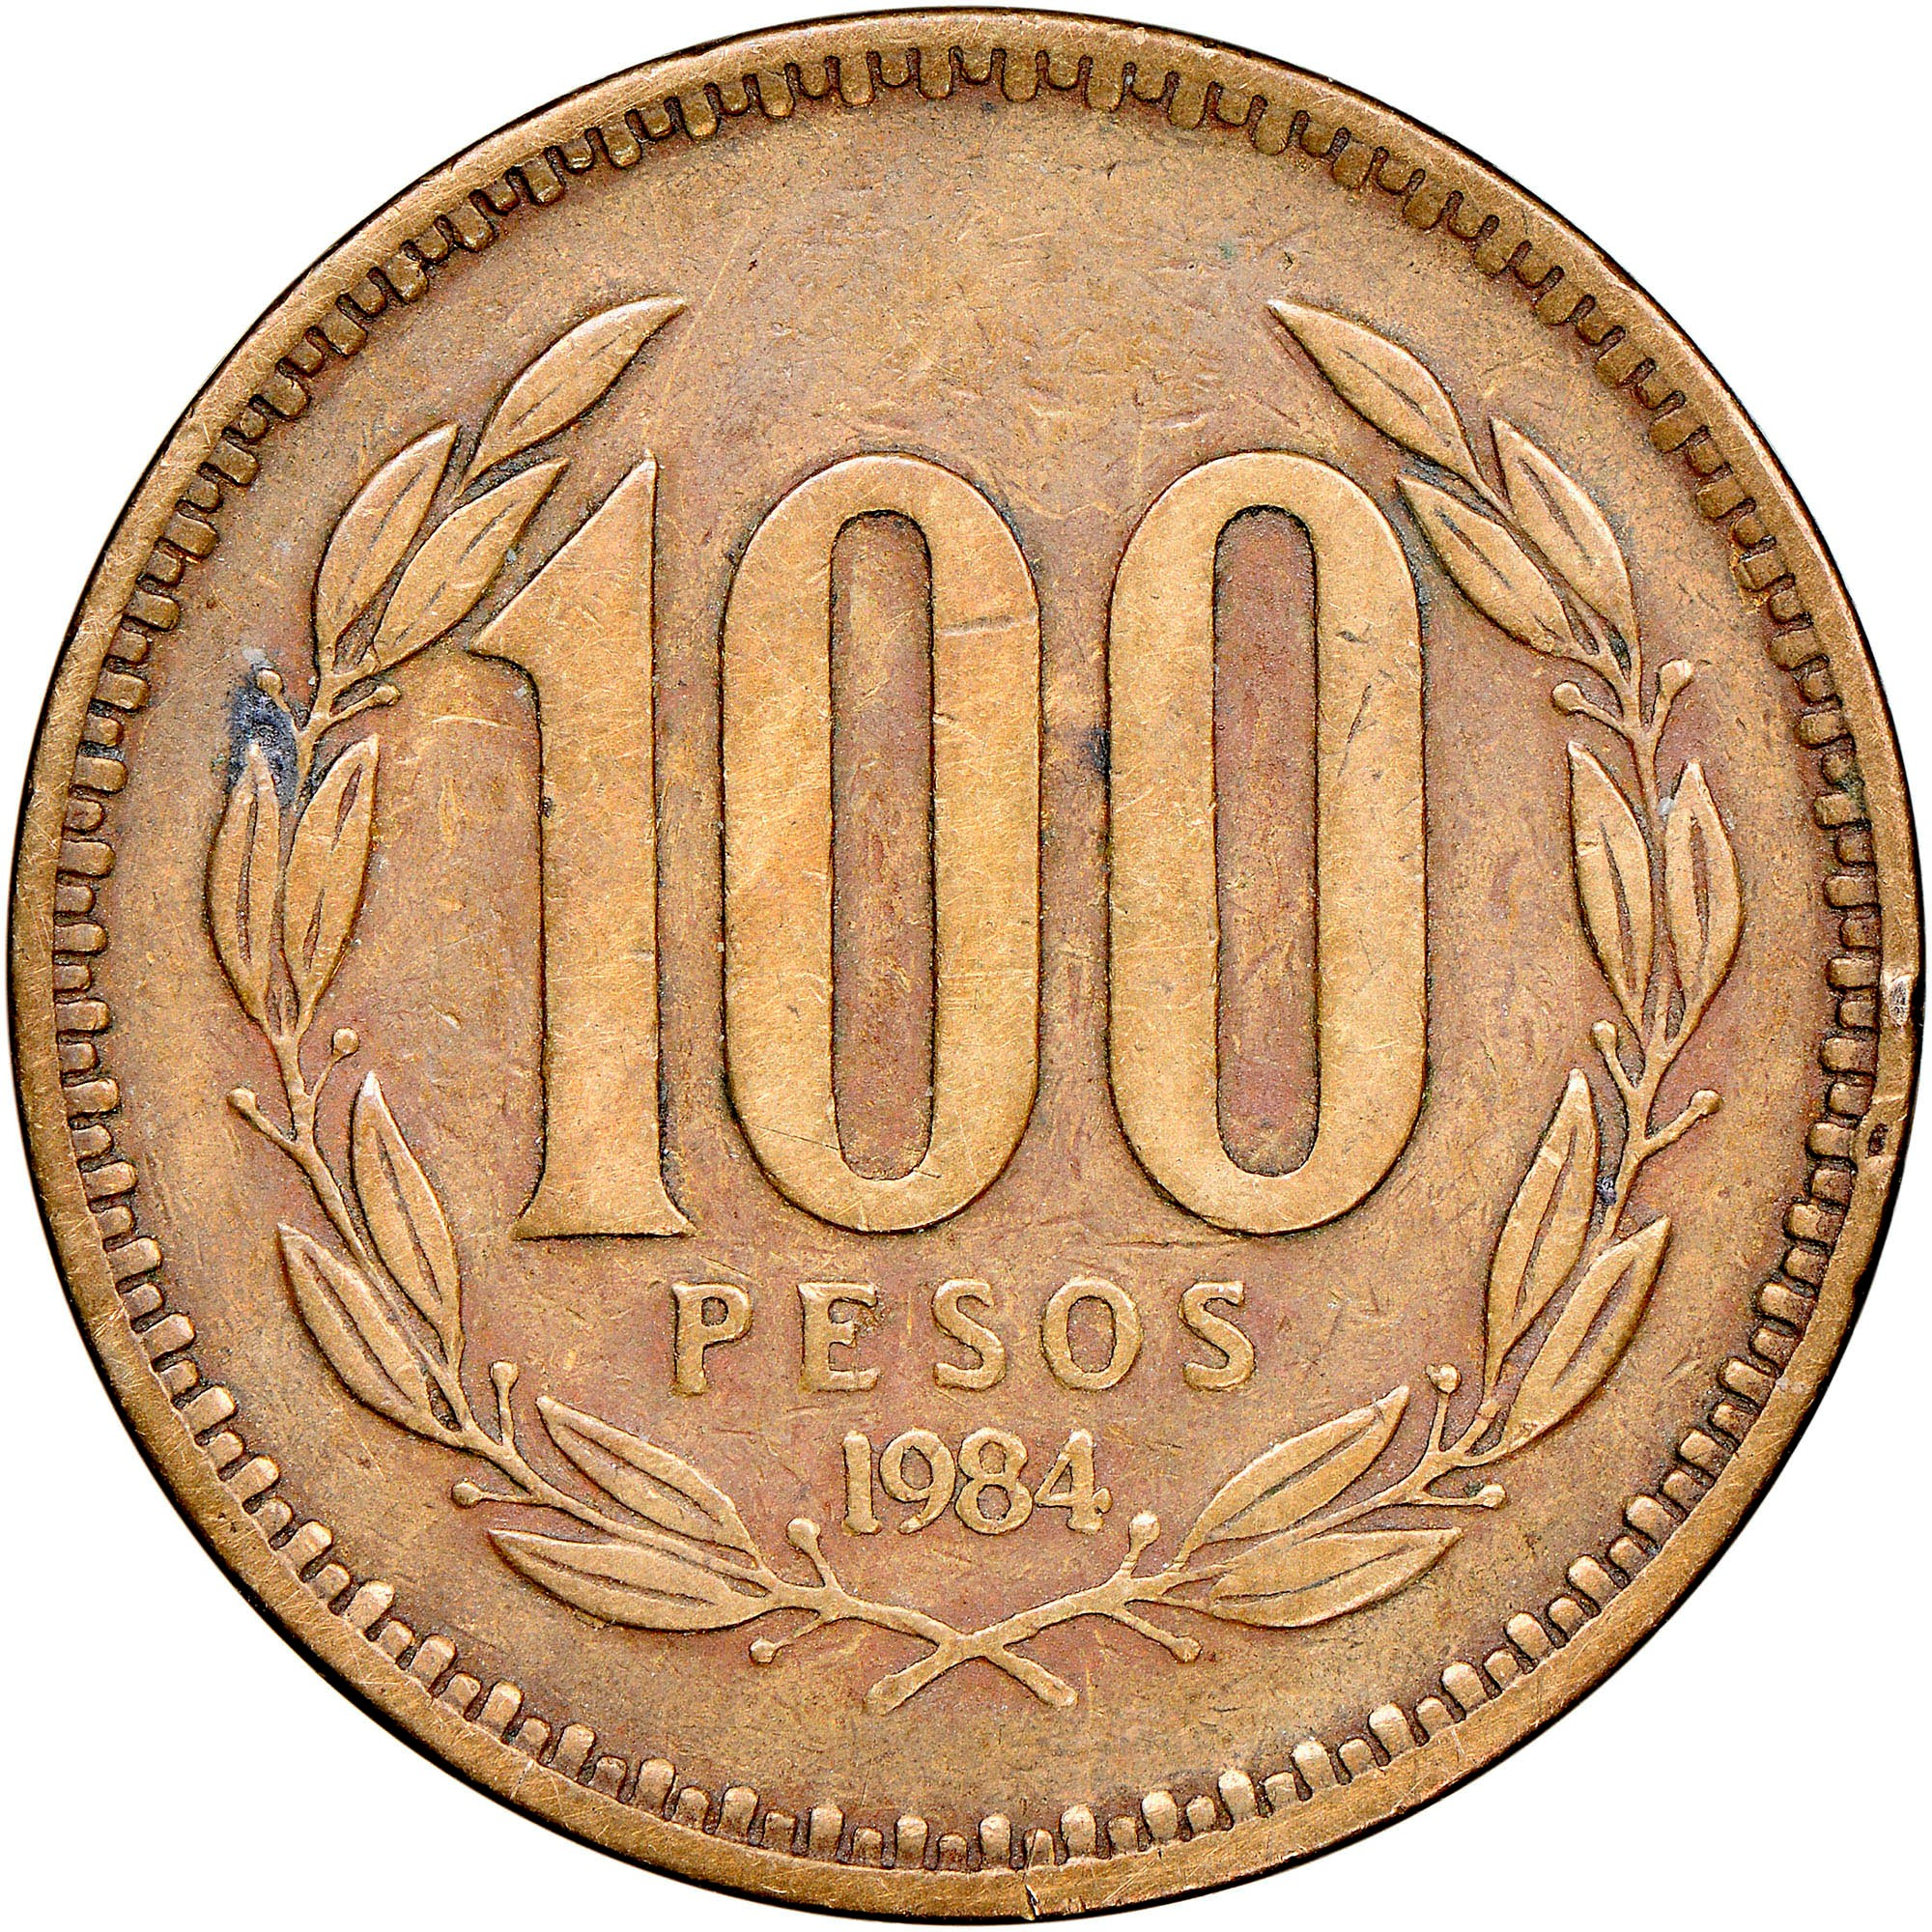 Chile 100 Pesos reverse